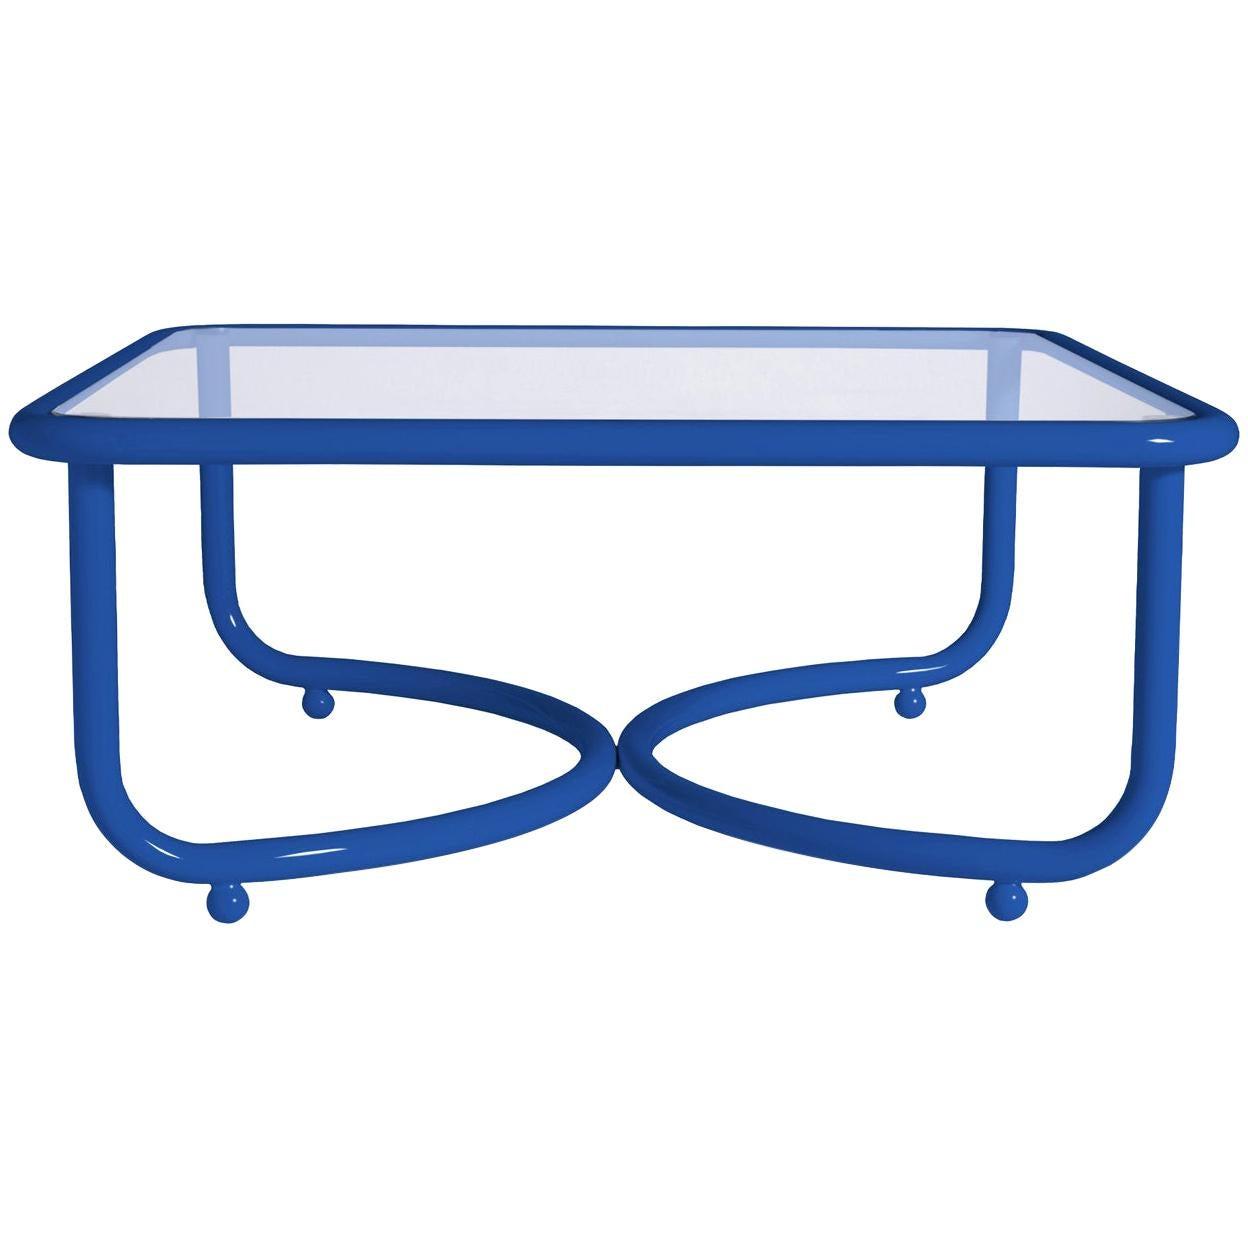 Locus Solus Blue Low Table by Gae Aulenti